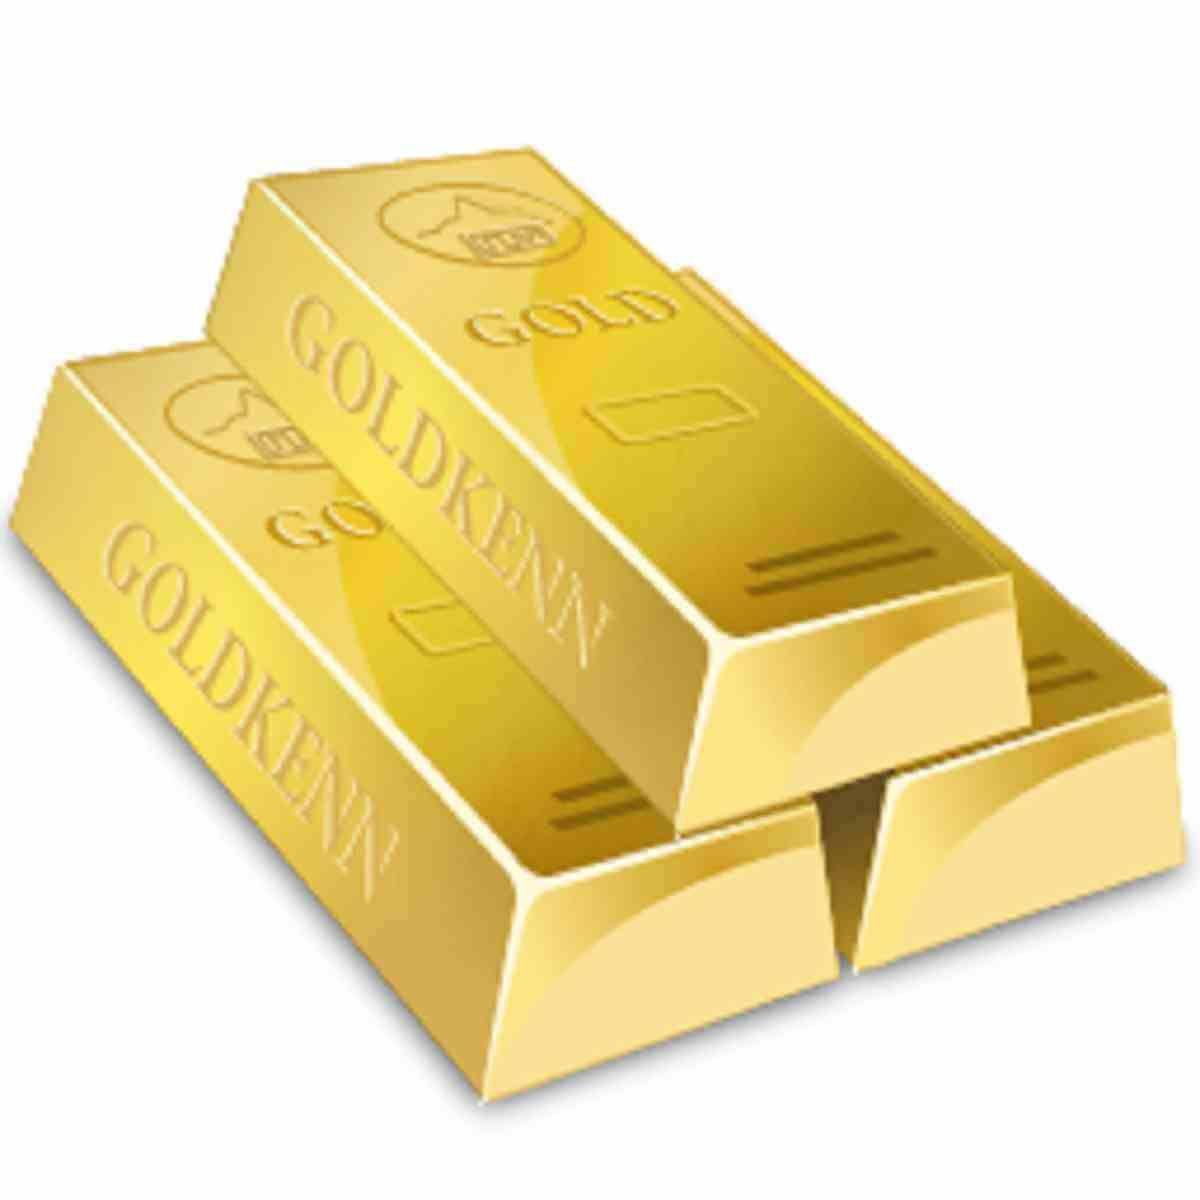 اسعار الذهب فى أمريكا بالدولار الأمريكى سعرغرام الذهب اليوم دولار أمريكي In 2020 Gold Price Gold Gold Rate